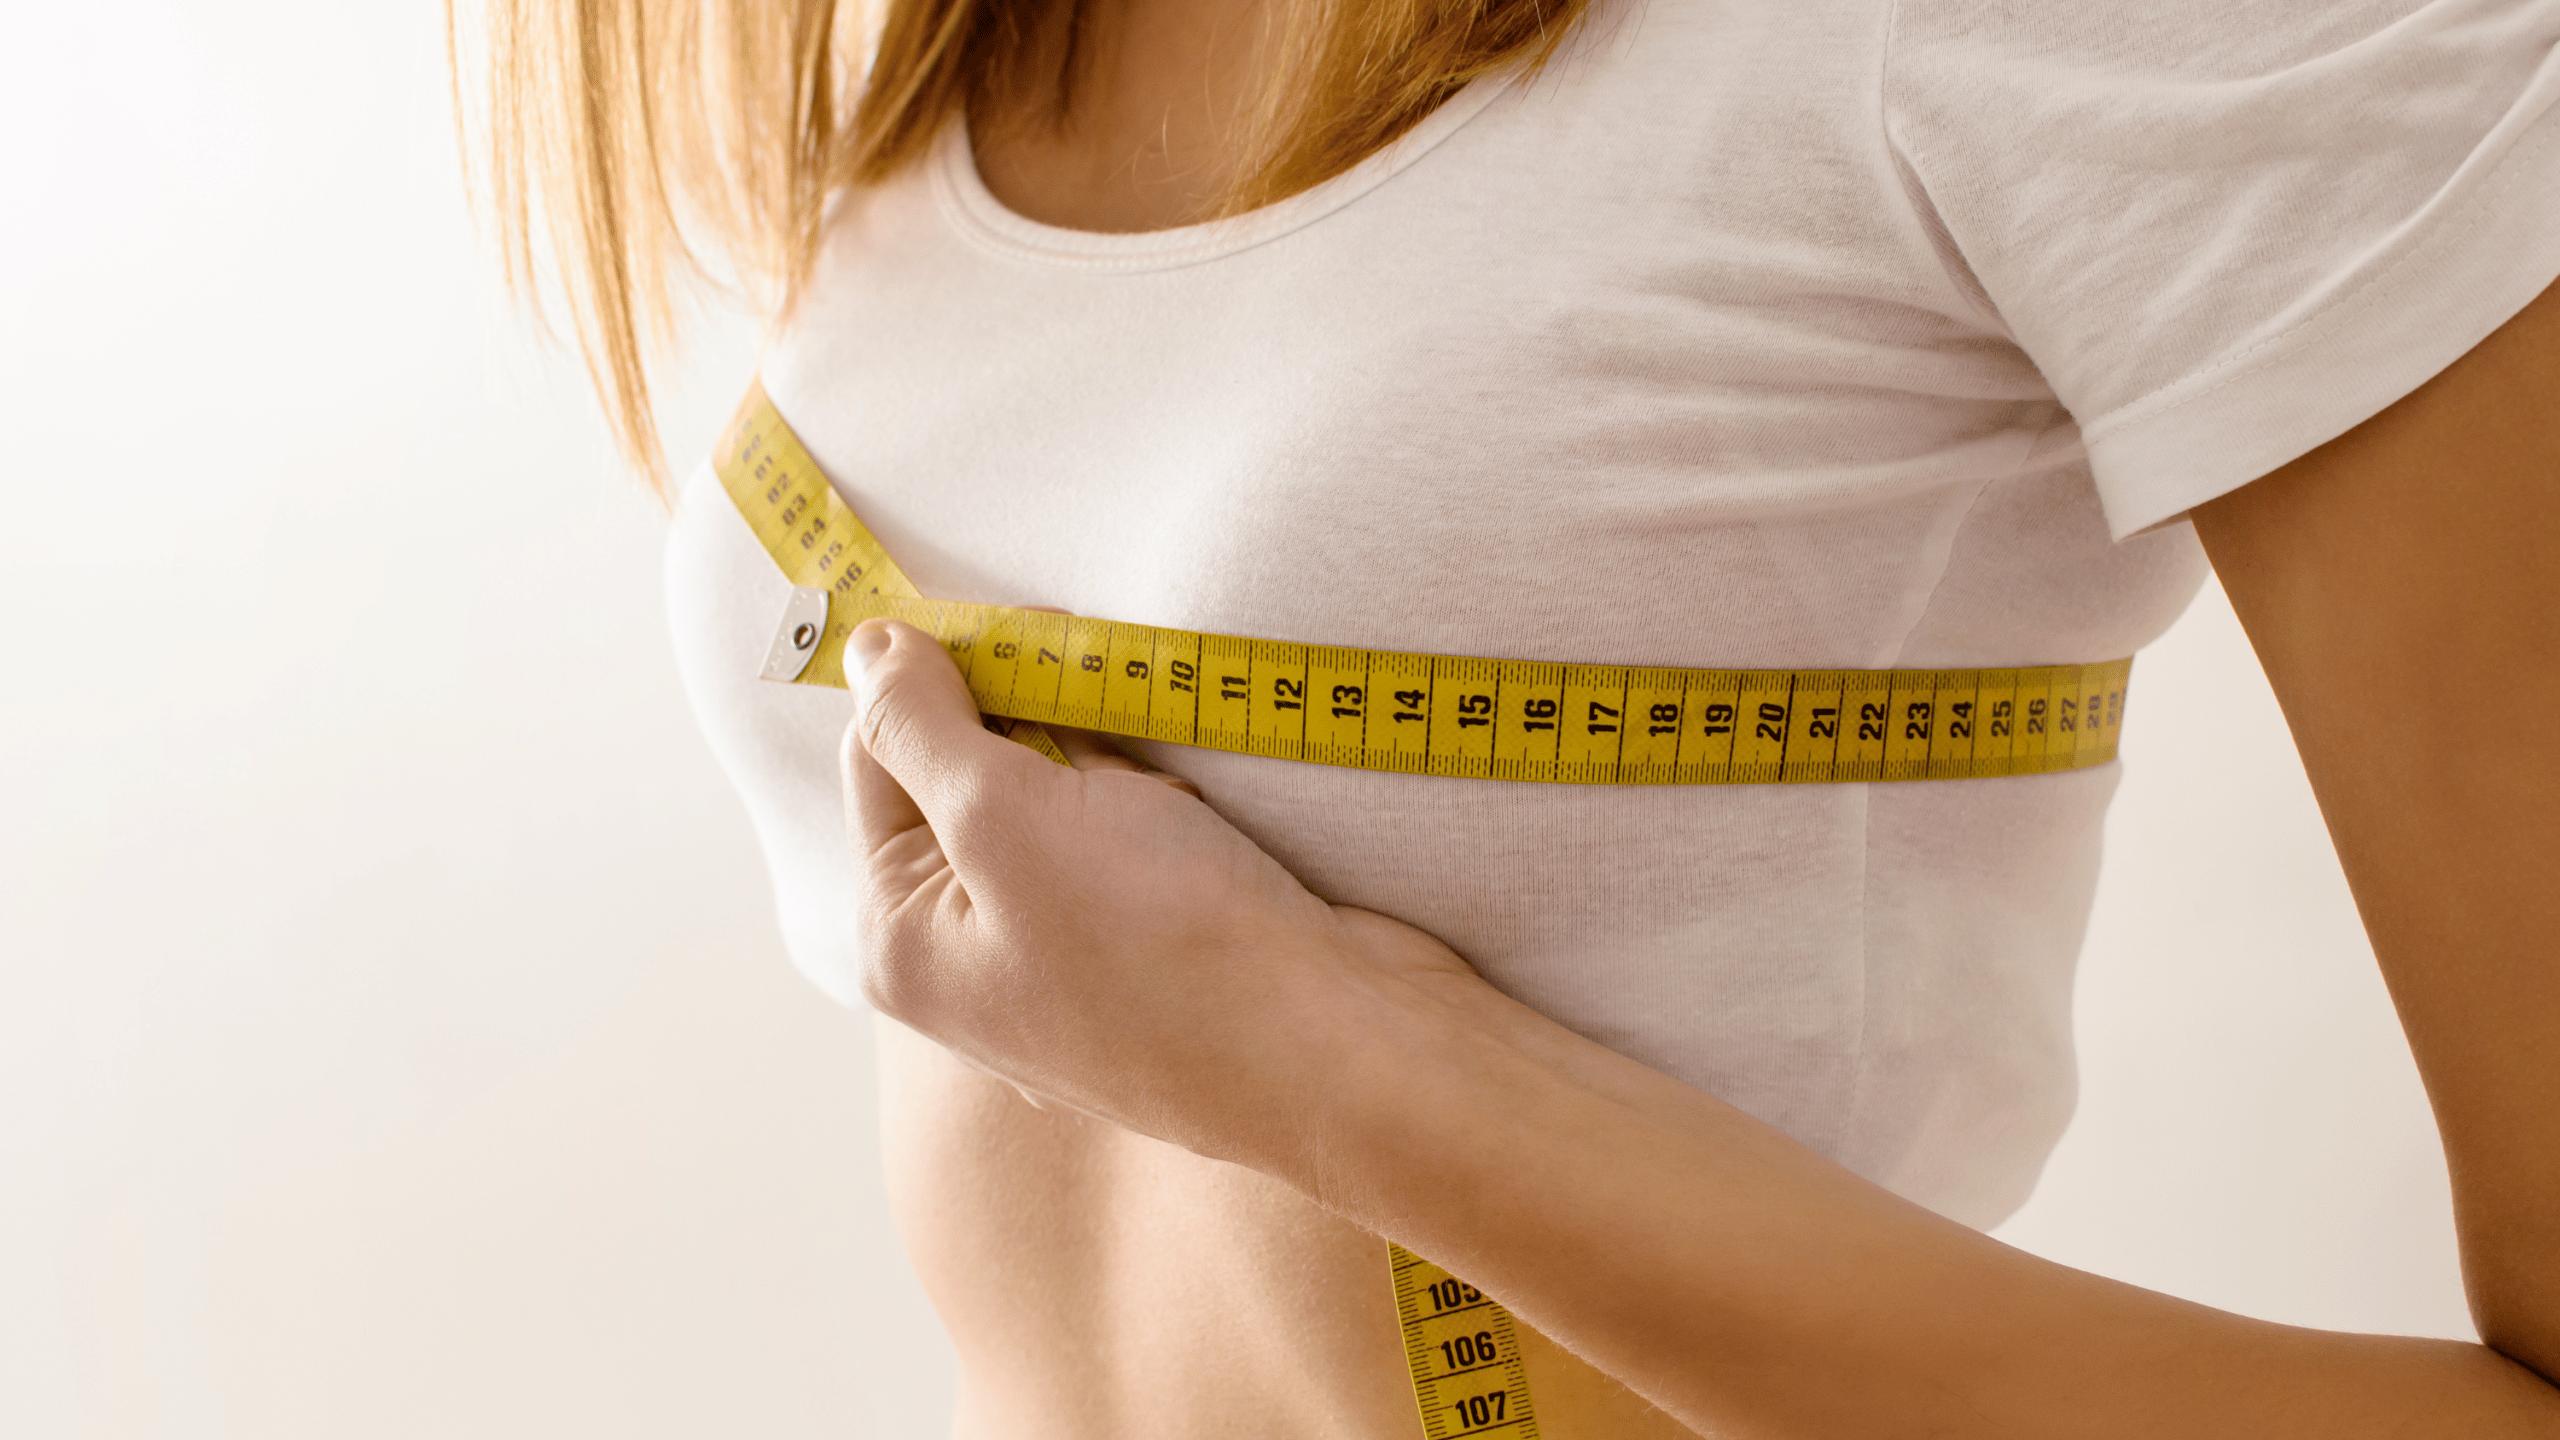 Kiedy kobiety decydują się na powiększenie piersi?